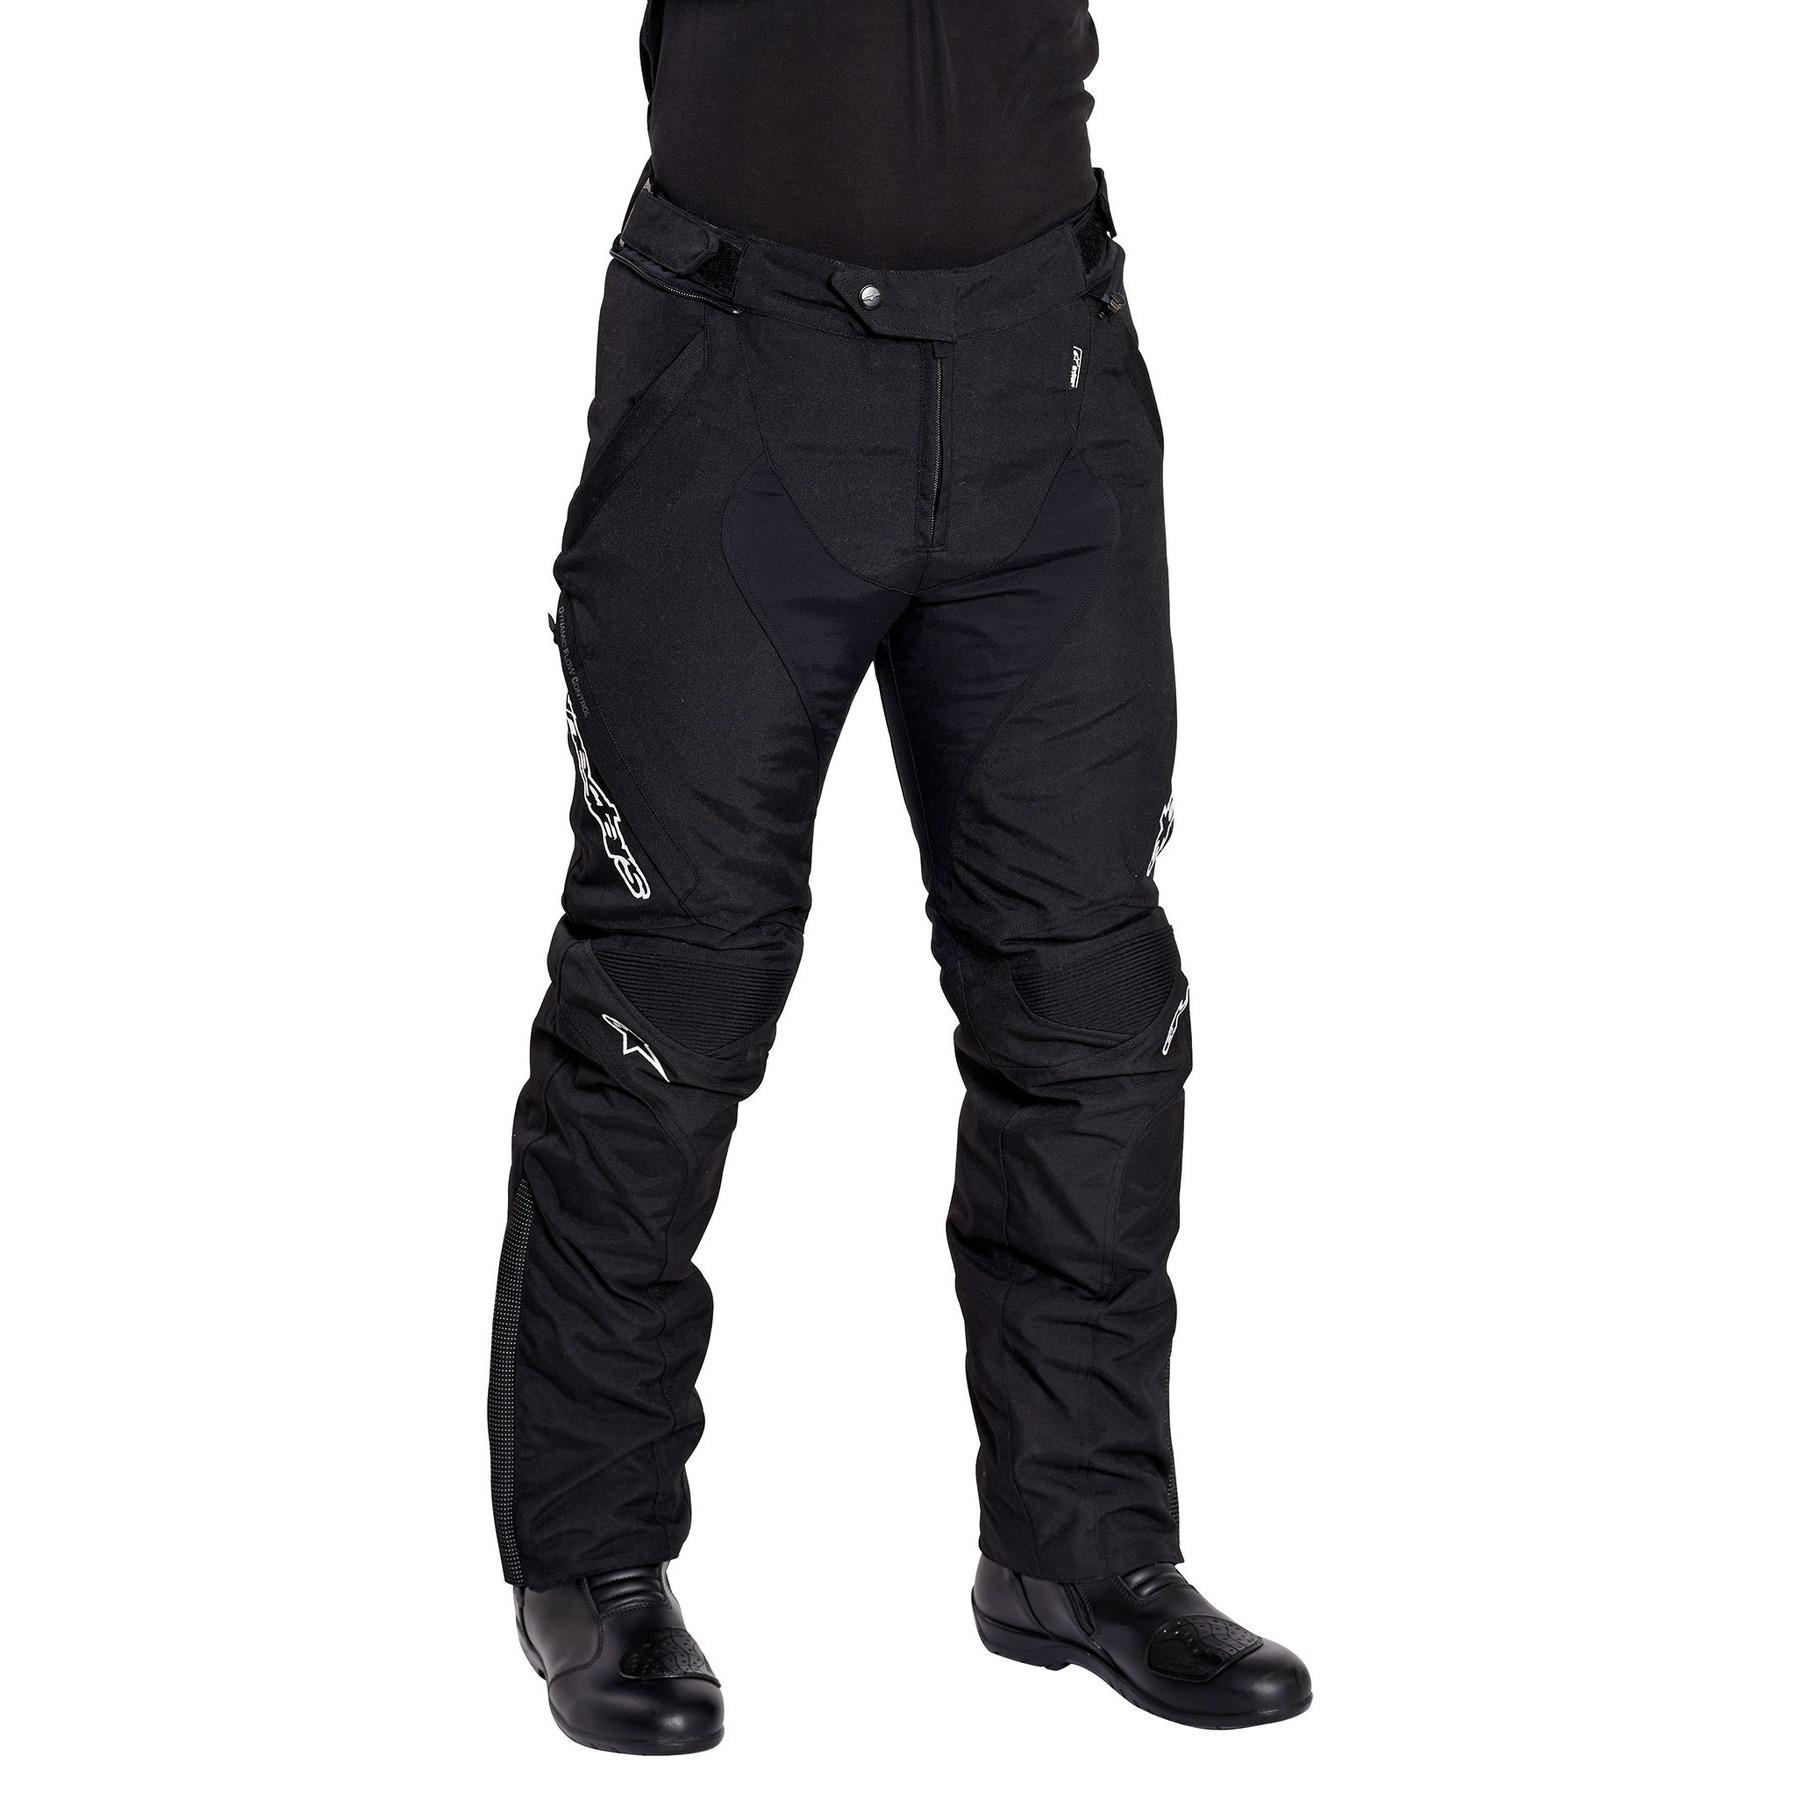 Black,Small Alpinestars Mens Raider Drystar Pants